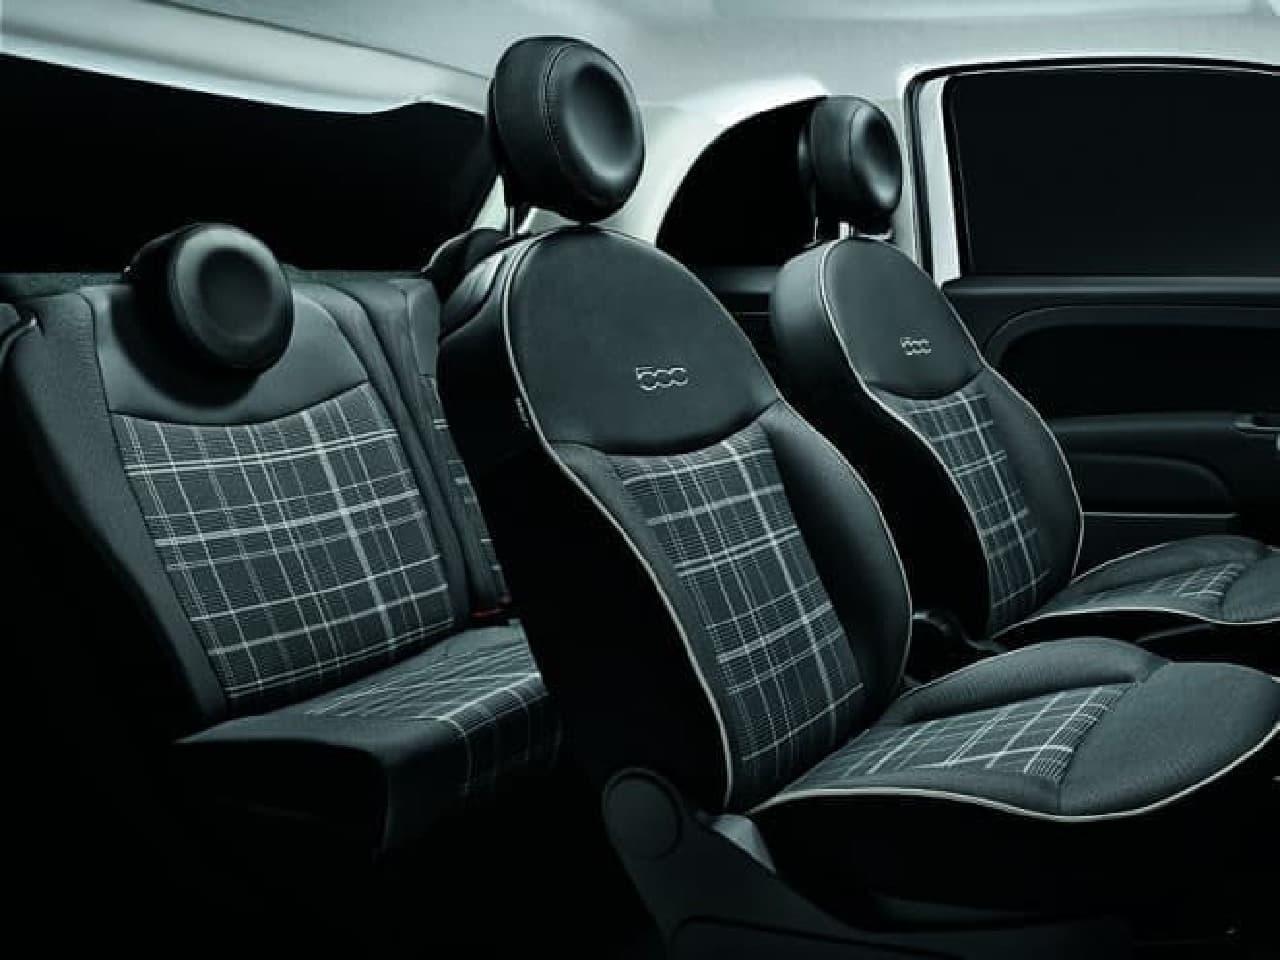 ビーツのオーディオを装備! チェックシートでおしゃれなチンク「Fiat 500 Scacco」